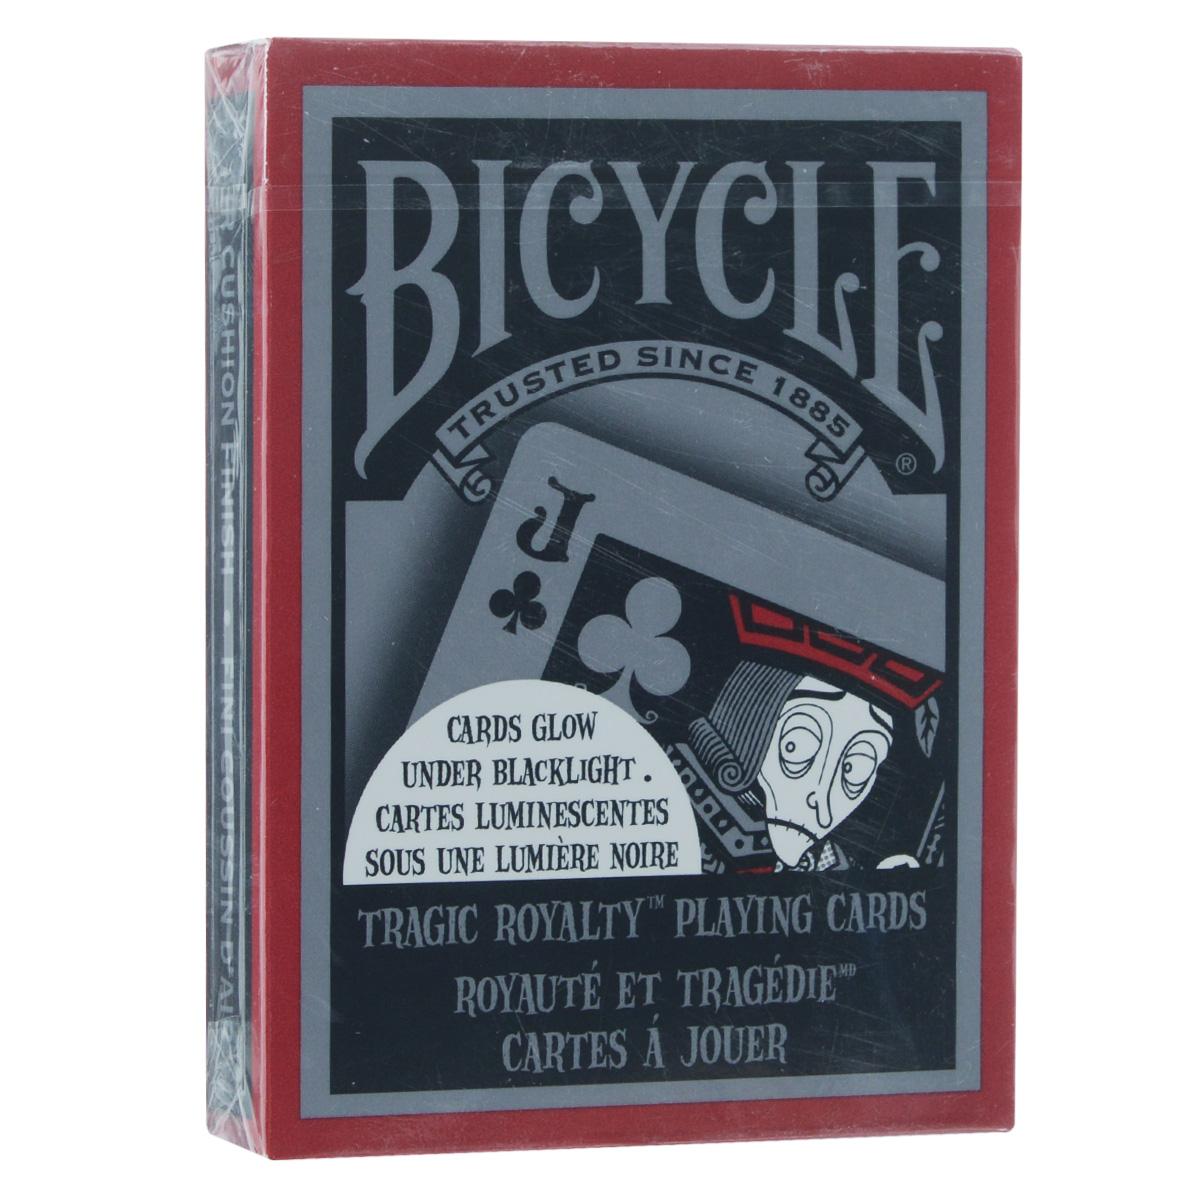 Карты игральные коллекционные Bicycle Tragic Royalty, 54 штBICYCLE_TRAGIC